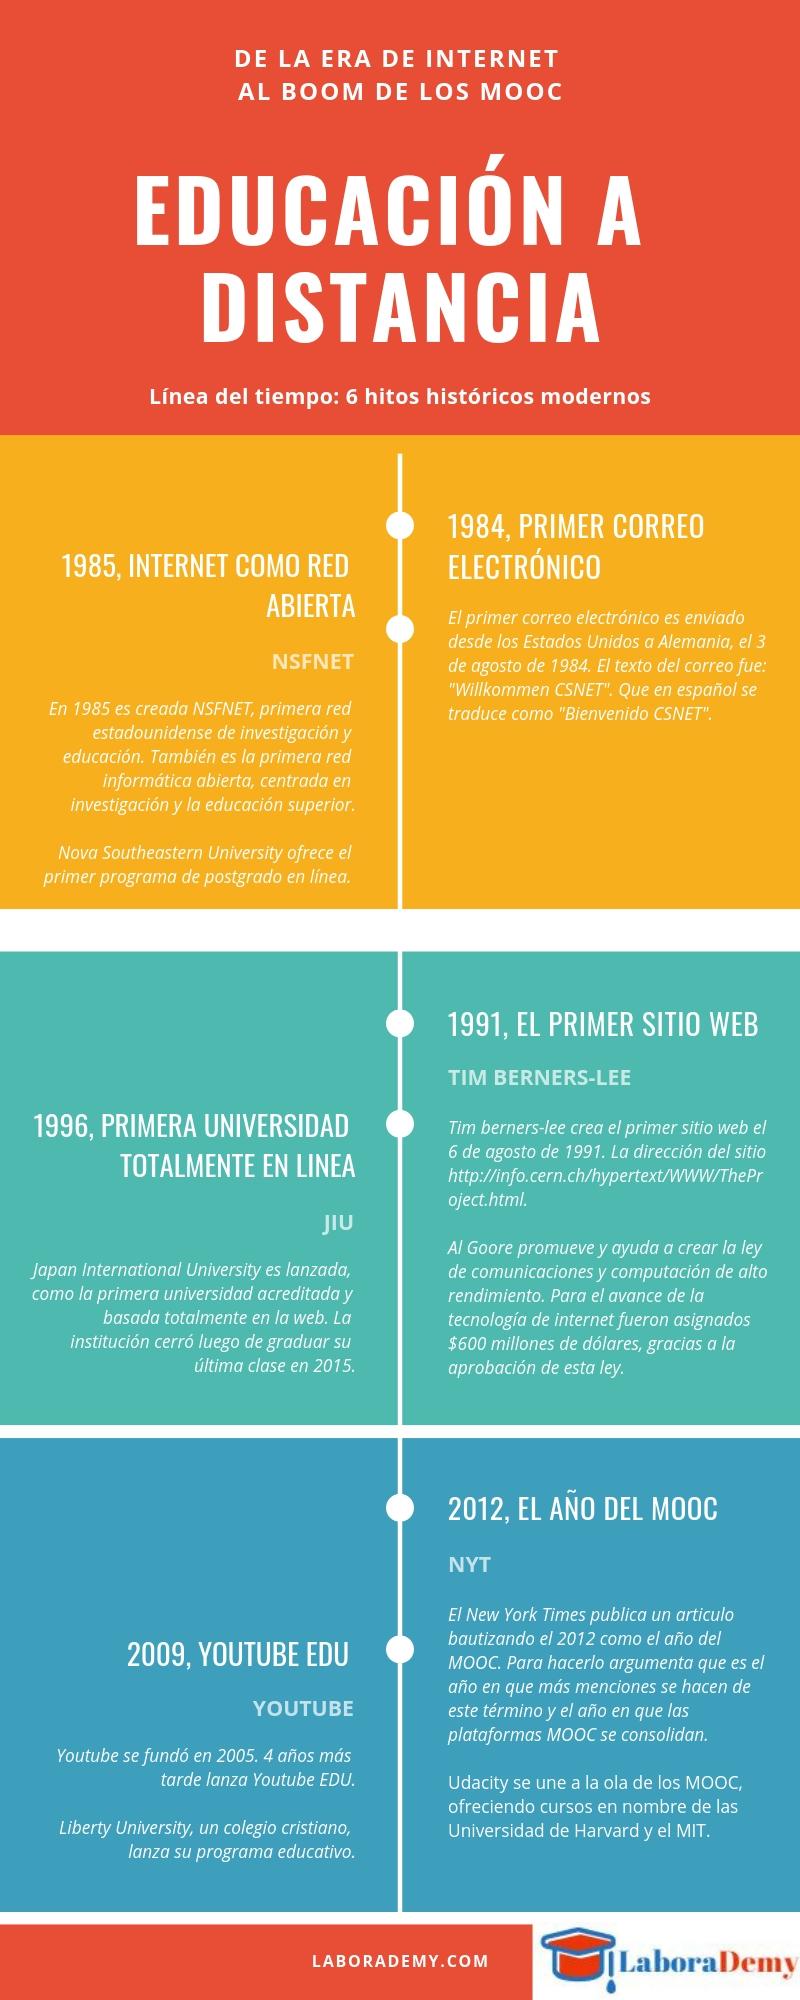 Historia de la educación a distancia en la era de internet.